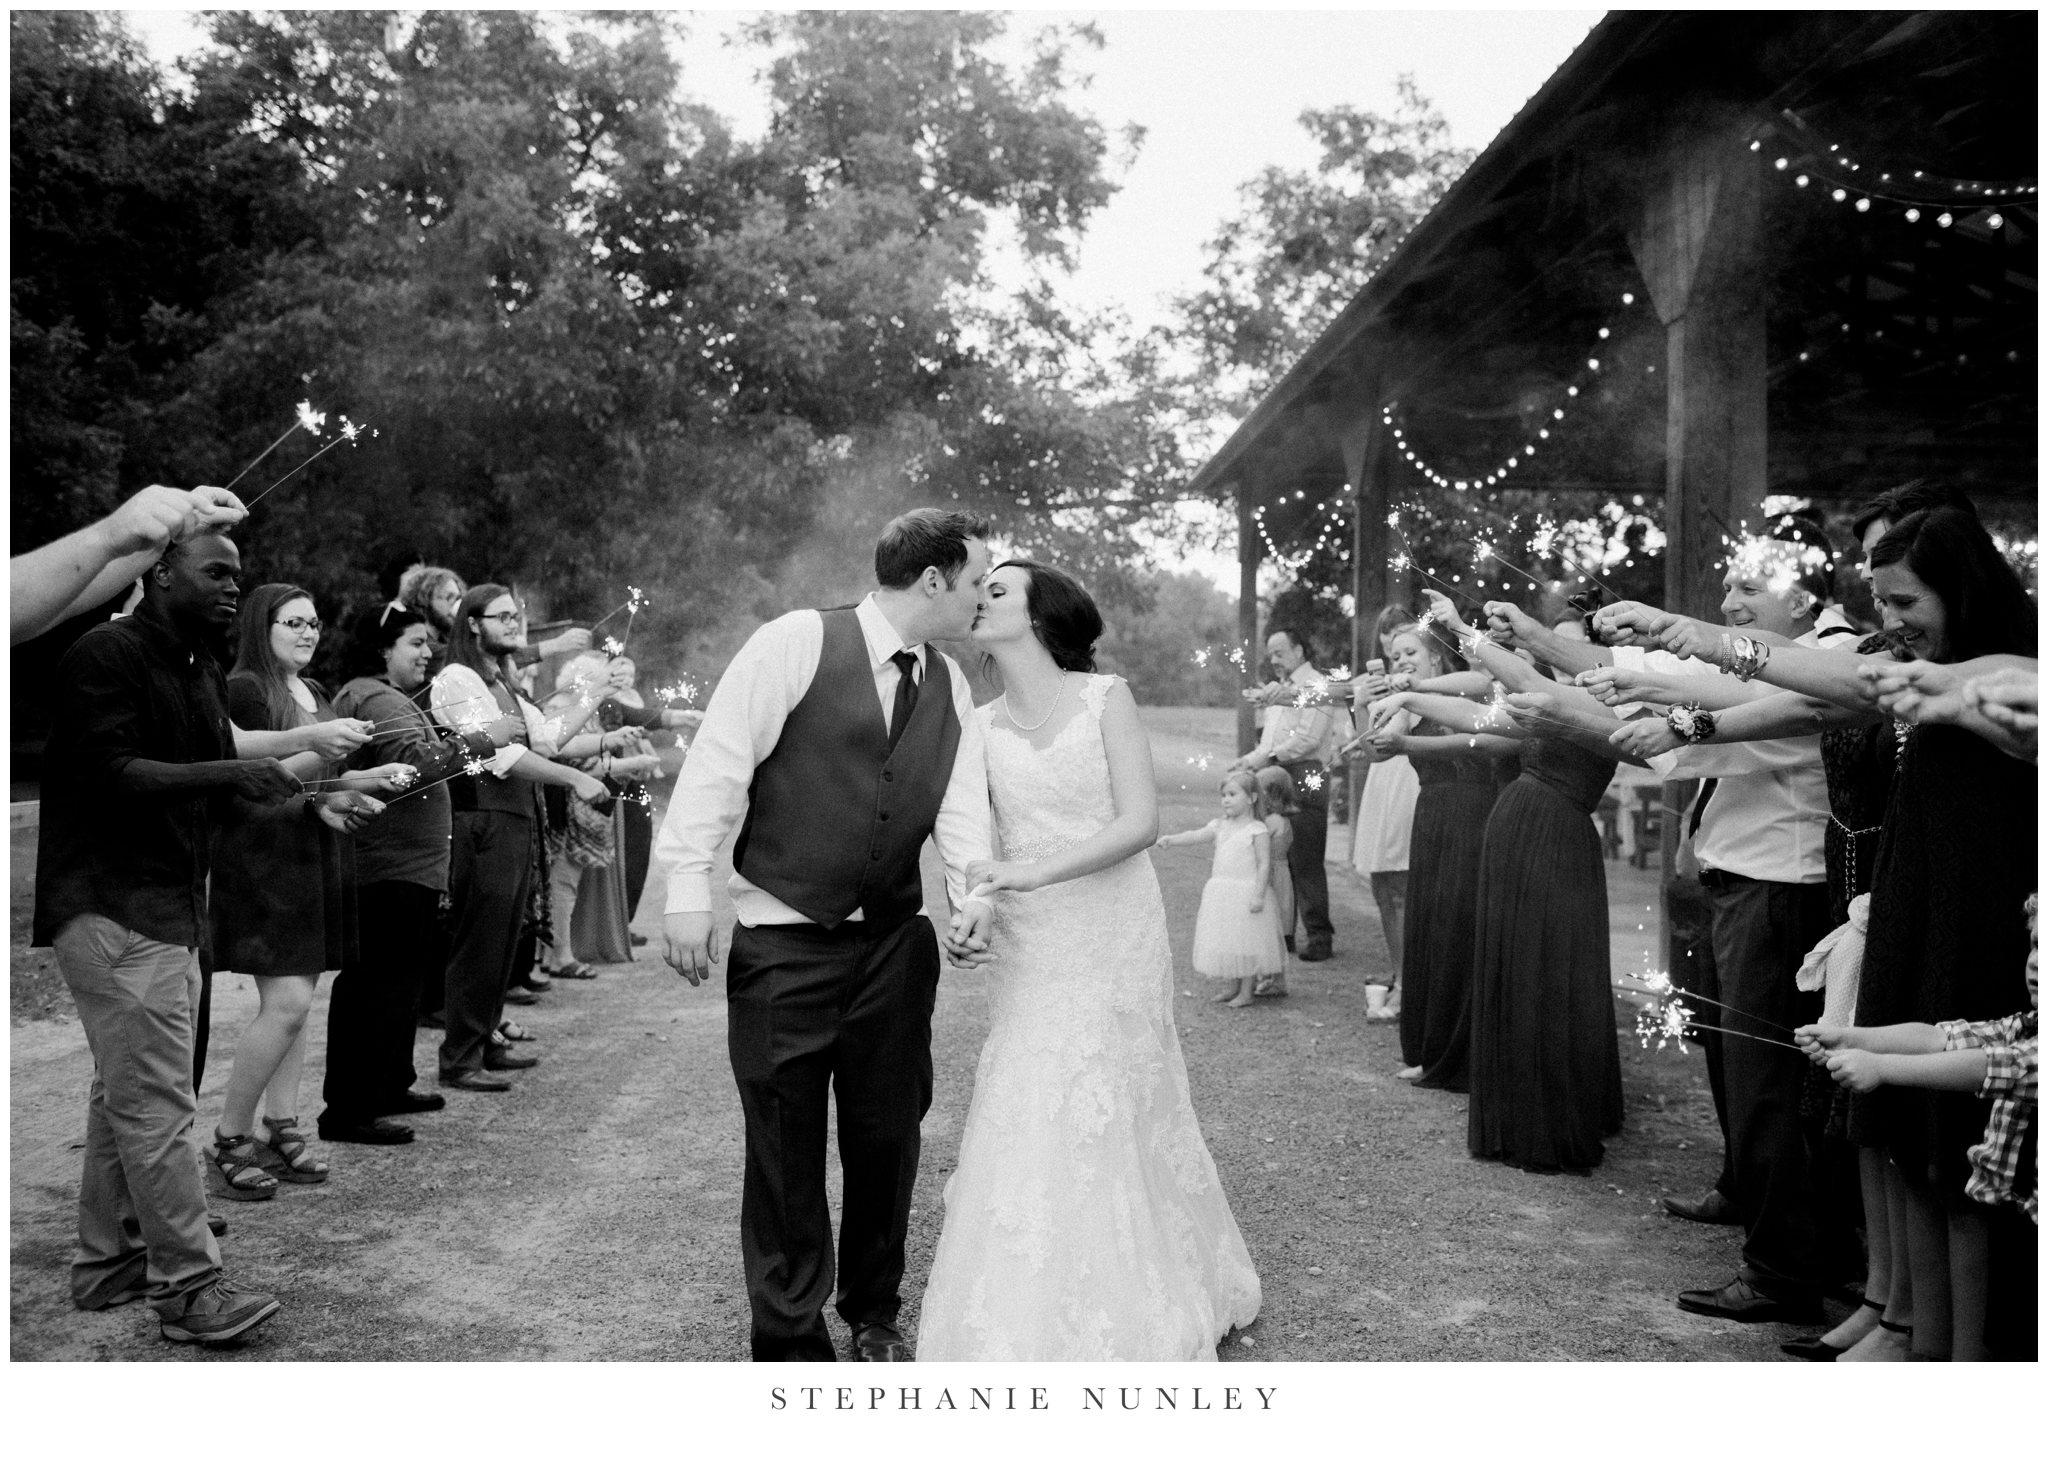 arkansas-outdoor-film-inspired-wedding-0109.jpg